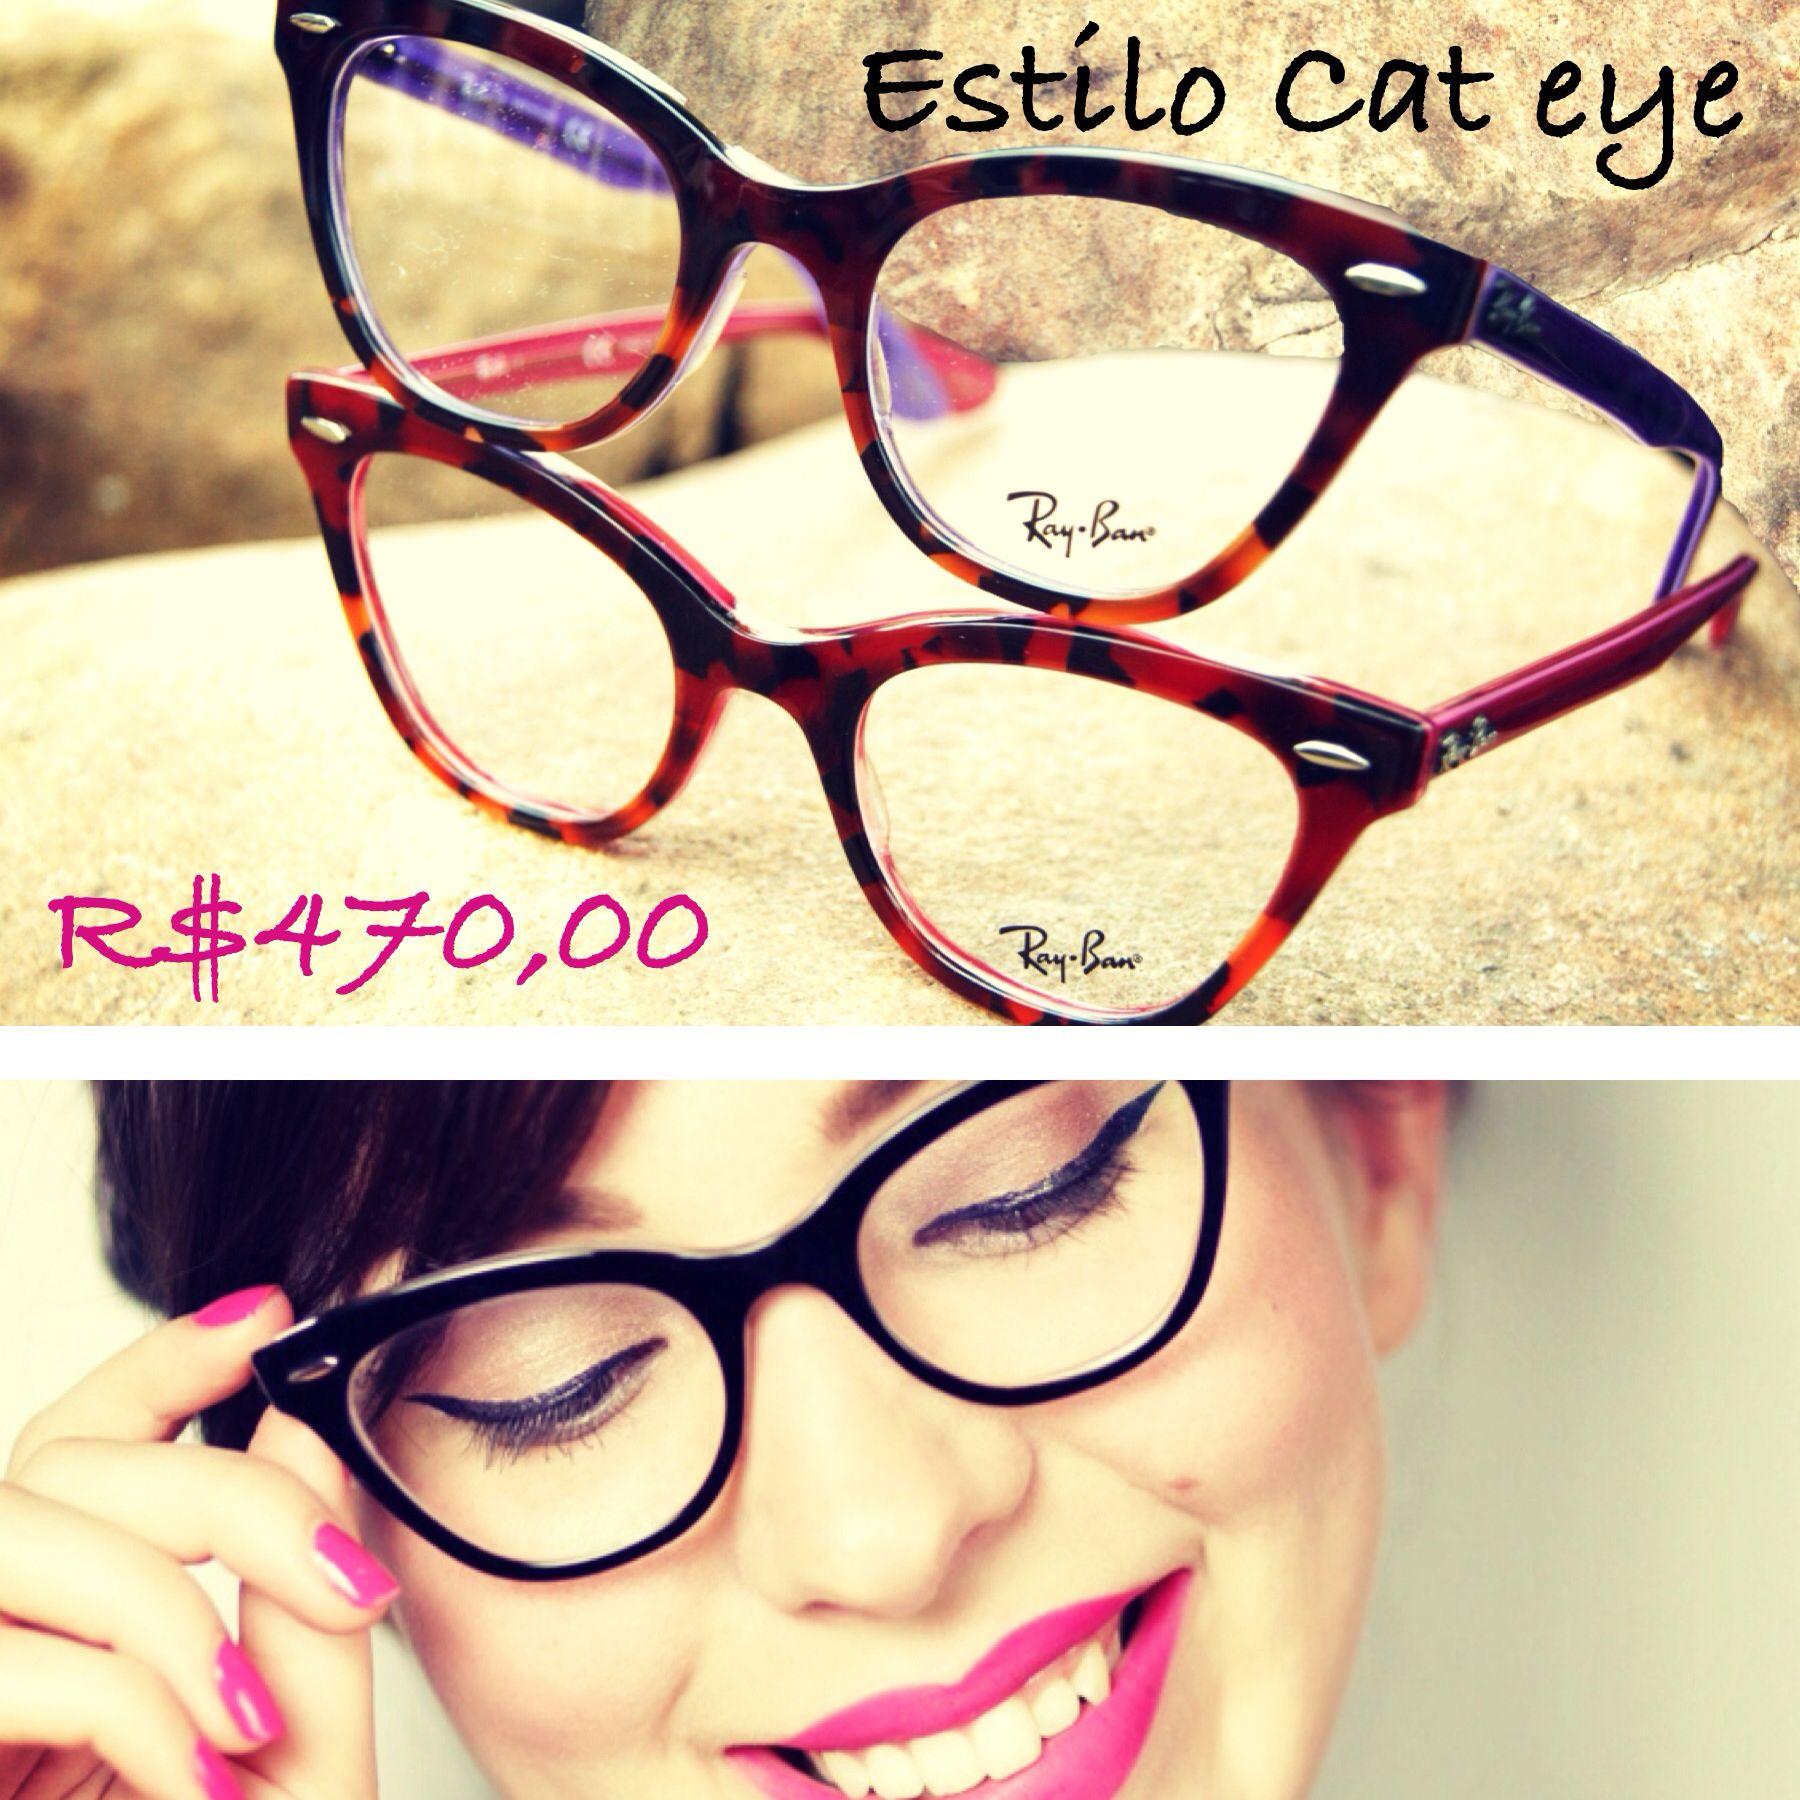 Armação no estilo cat eye deixam o look mais feminino.  oculos  grau   gatinho  oticas  wanny  color  rb  shop  online d6971aee1a